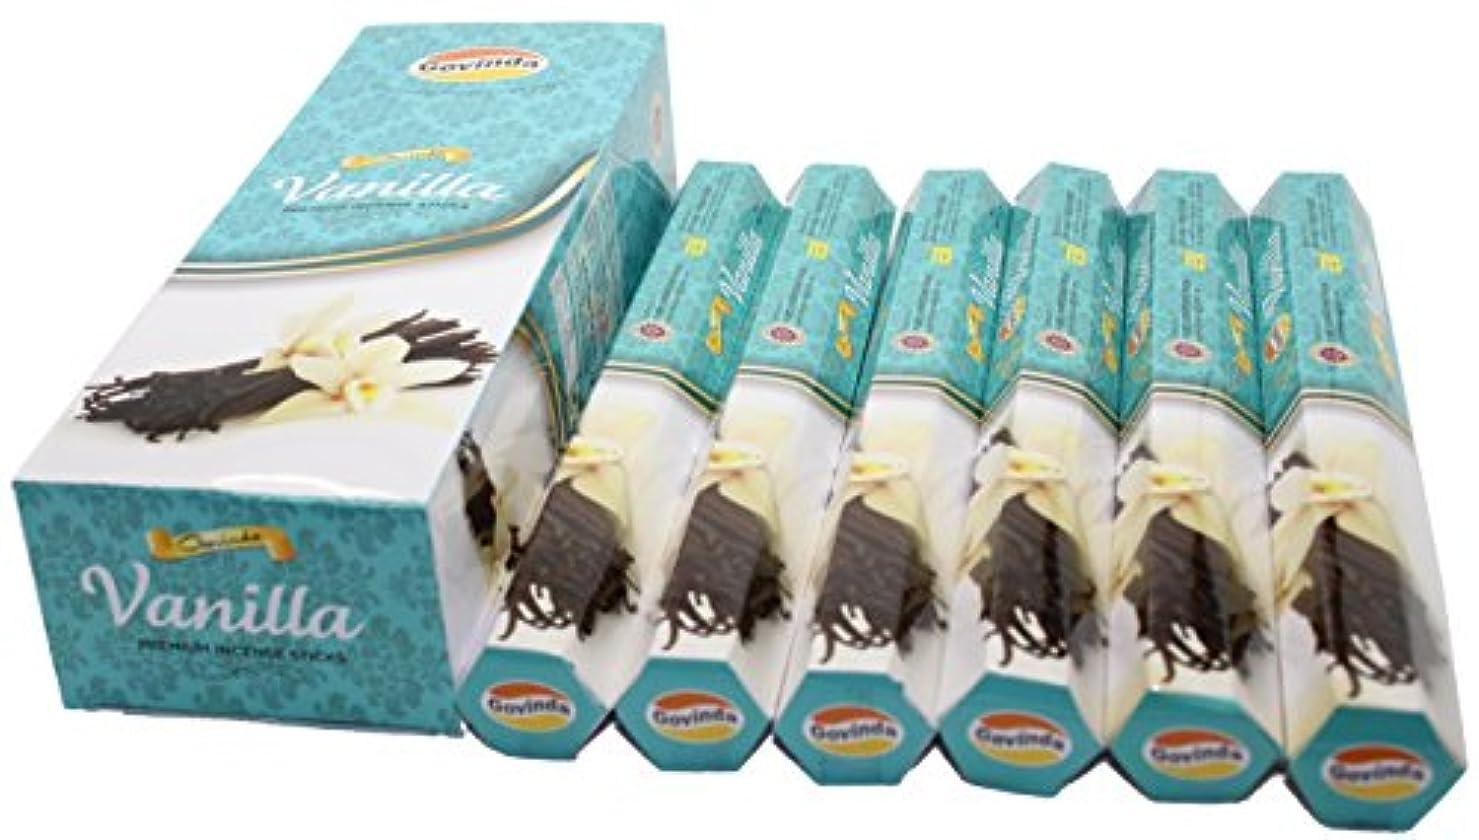 議会特異性戦士Govinda ®お香 – Vanilla – 120 Incense Sticks、プレミアムIncense、Masalaコーティング